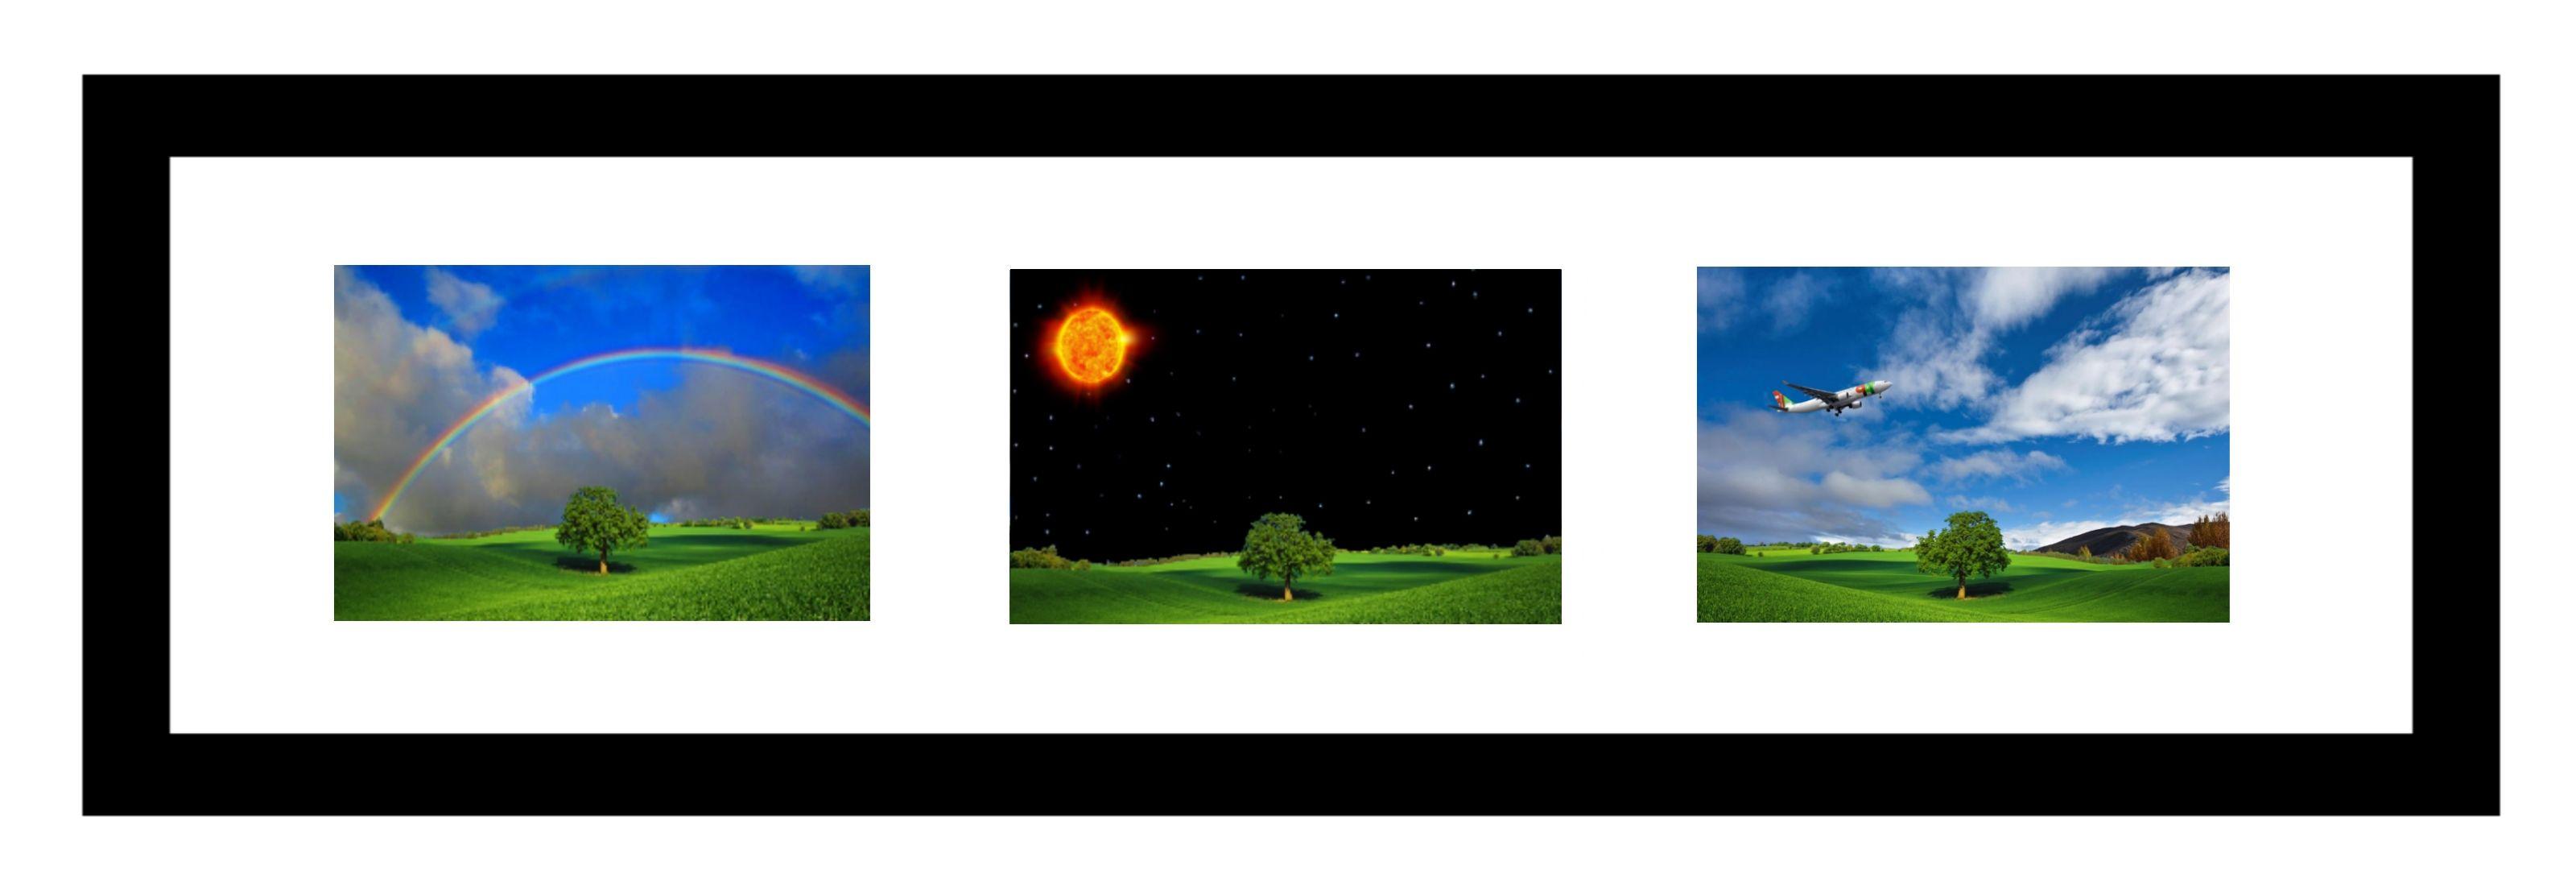 """Esta imagem tem um tamanho original de 3200x1100 pixels Usando a ferramenta rectangle (tamanho 35) foi produzida uma moldura retangular com a cor primária """"preta"""" ativa. No interior da moldura foram adicionadas três imagens obtidas após transformação da imagem original """"landscape"""" utilizando a grande parte dos recursos, da janela de ferramentas, janela de camadas, janela de cores e janela de histórico.  Foram ainda utilizadas algumas opções da barra de menus."""